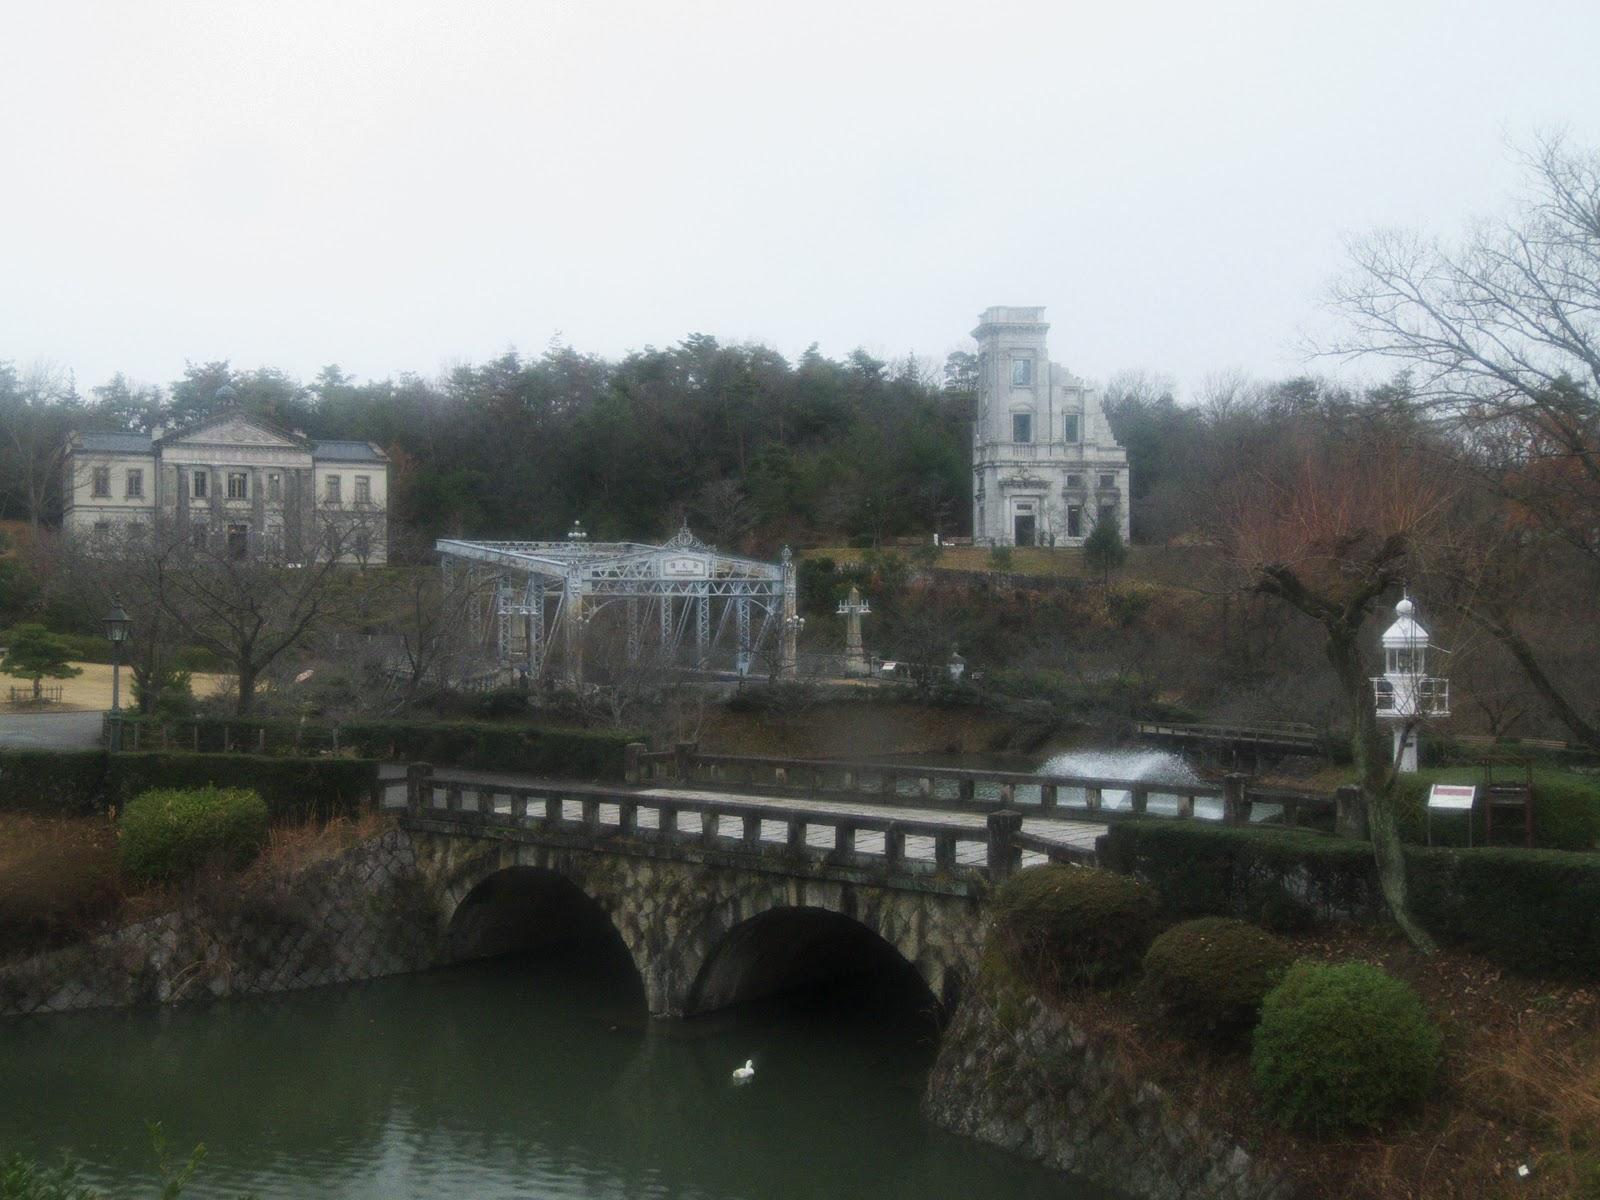 kimagure: Meiji Mura (Village of Meiji Era), Aichi Prefecture